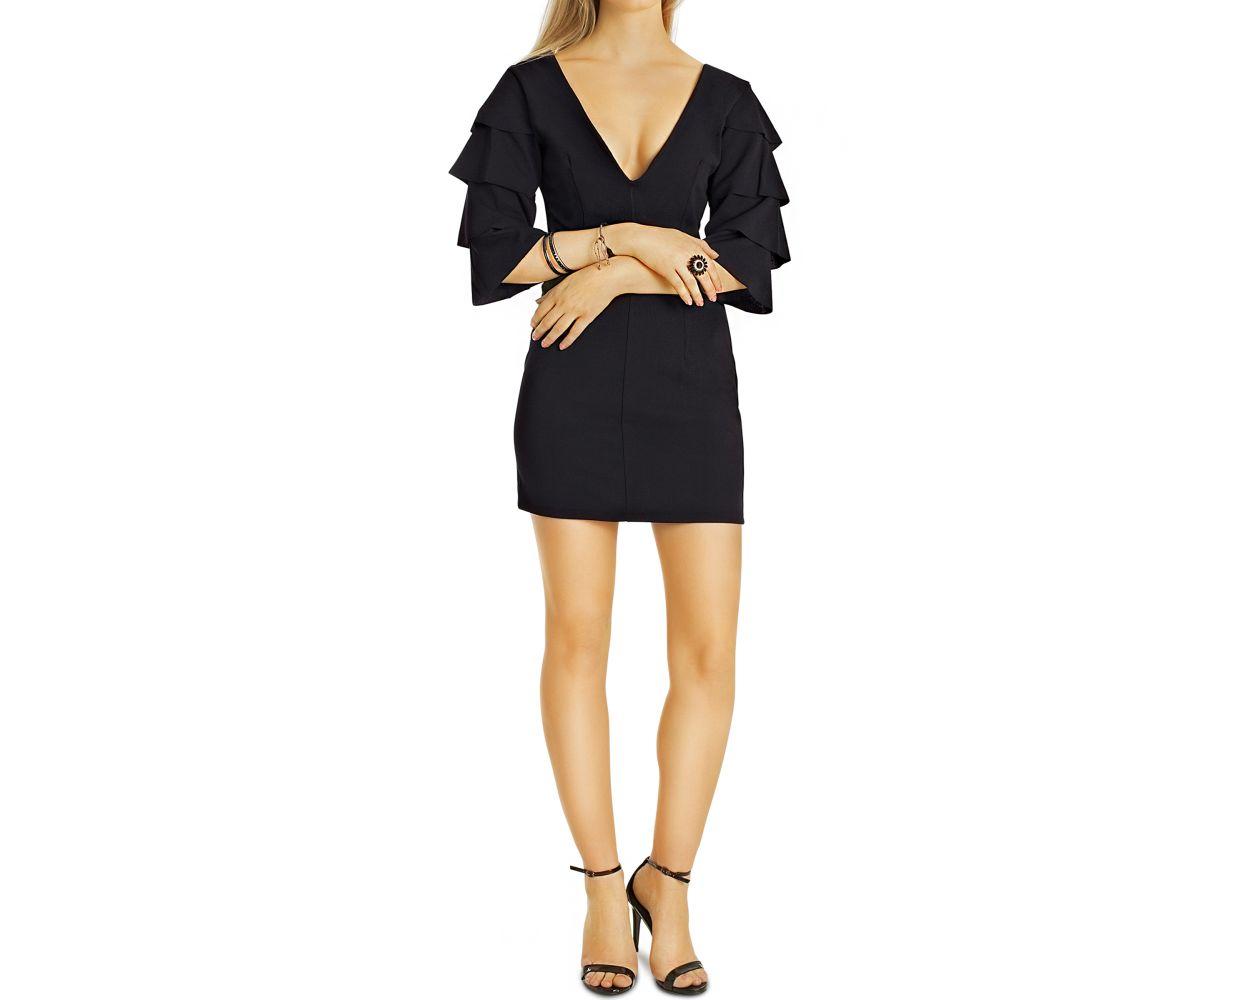 elegante v kleider - damen minikleider in verschiedenen farben - k76p